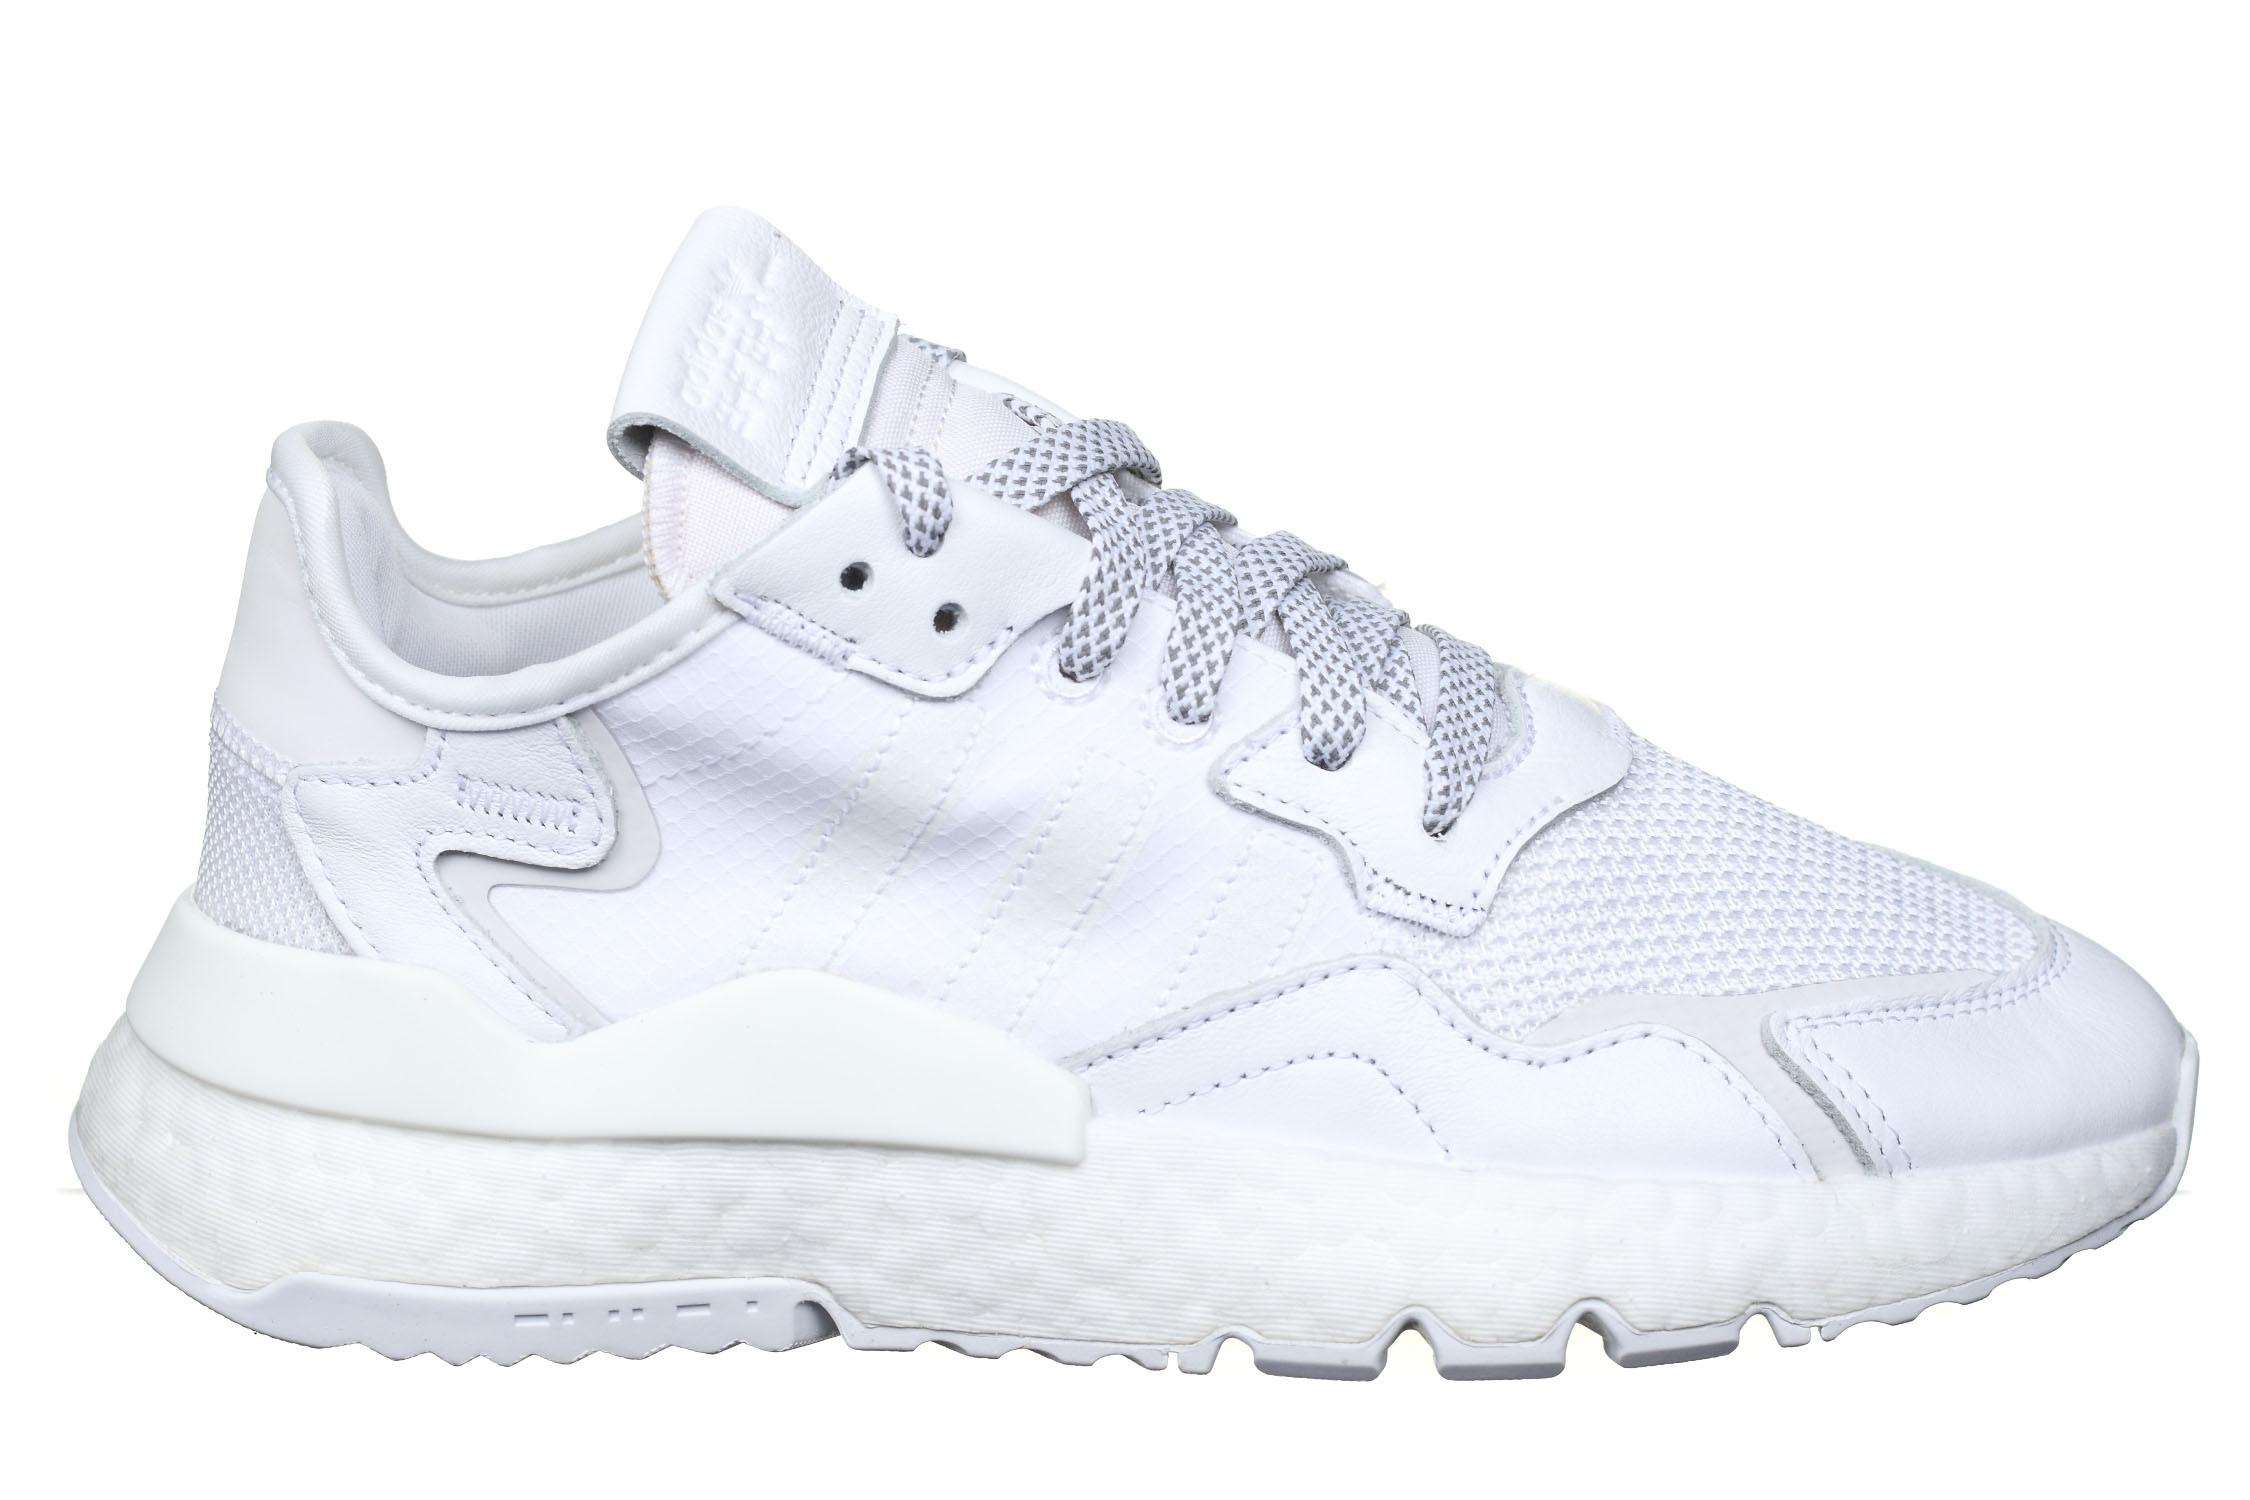 https://www.leadermode.com/193468/adidas-nite-jogger-fv1267-white.jpg